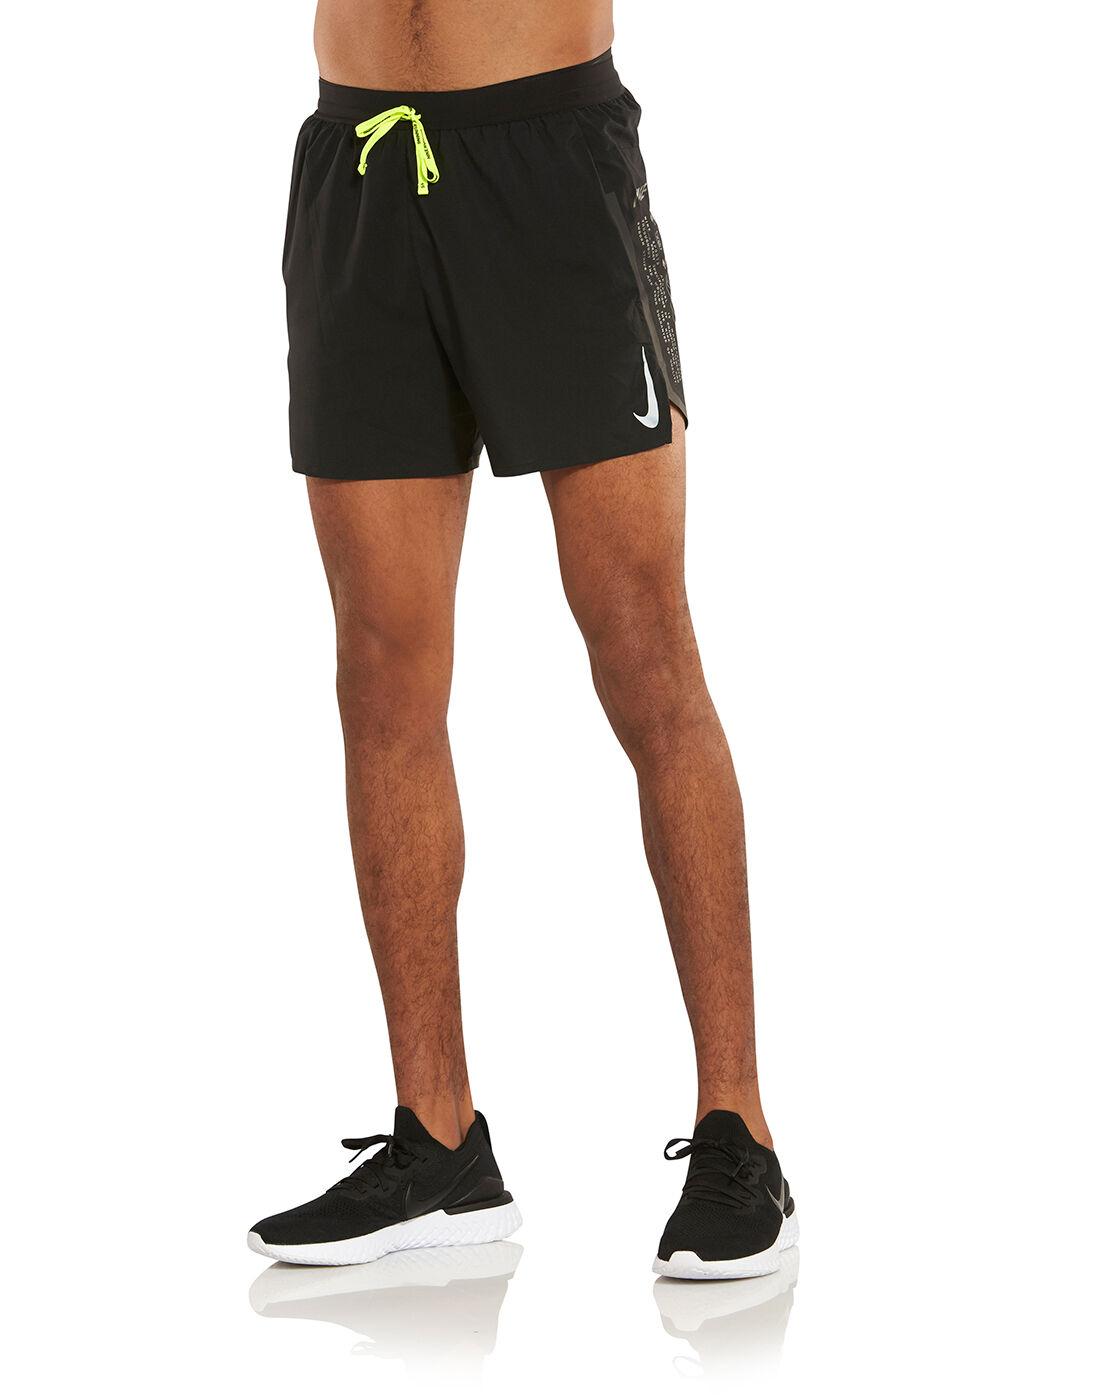 Nike Mens Air Flex Stride 5 Inch Shorts